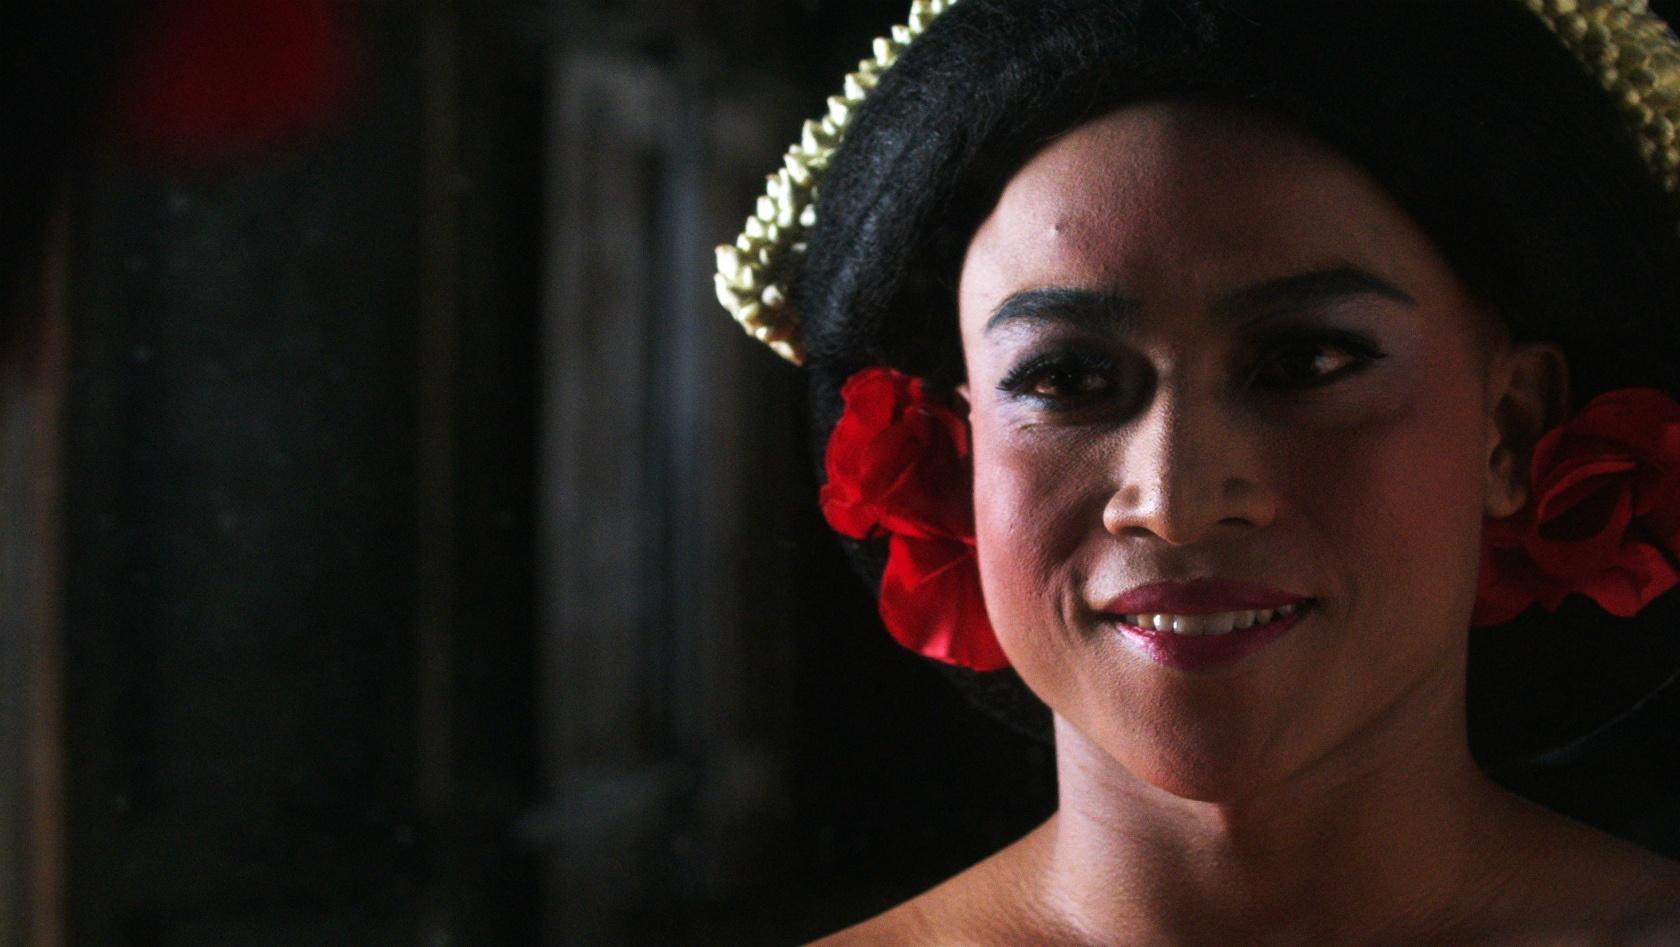 インドネシアの巨匠ガリン・ヌグロホ監督の最新作『メモリーズ・オブ・マイ・ボディ』は日本初公開